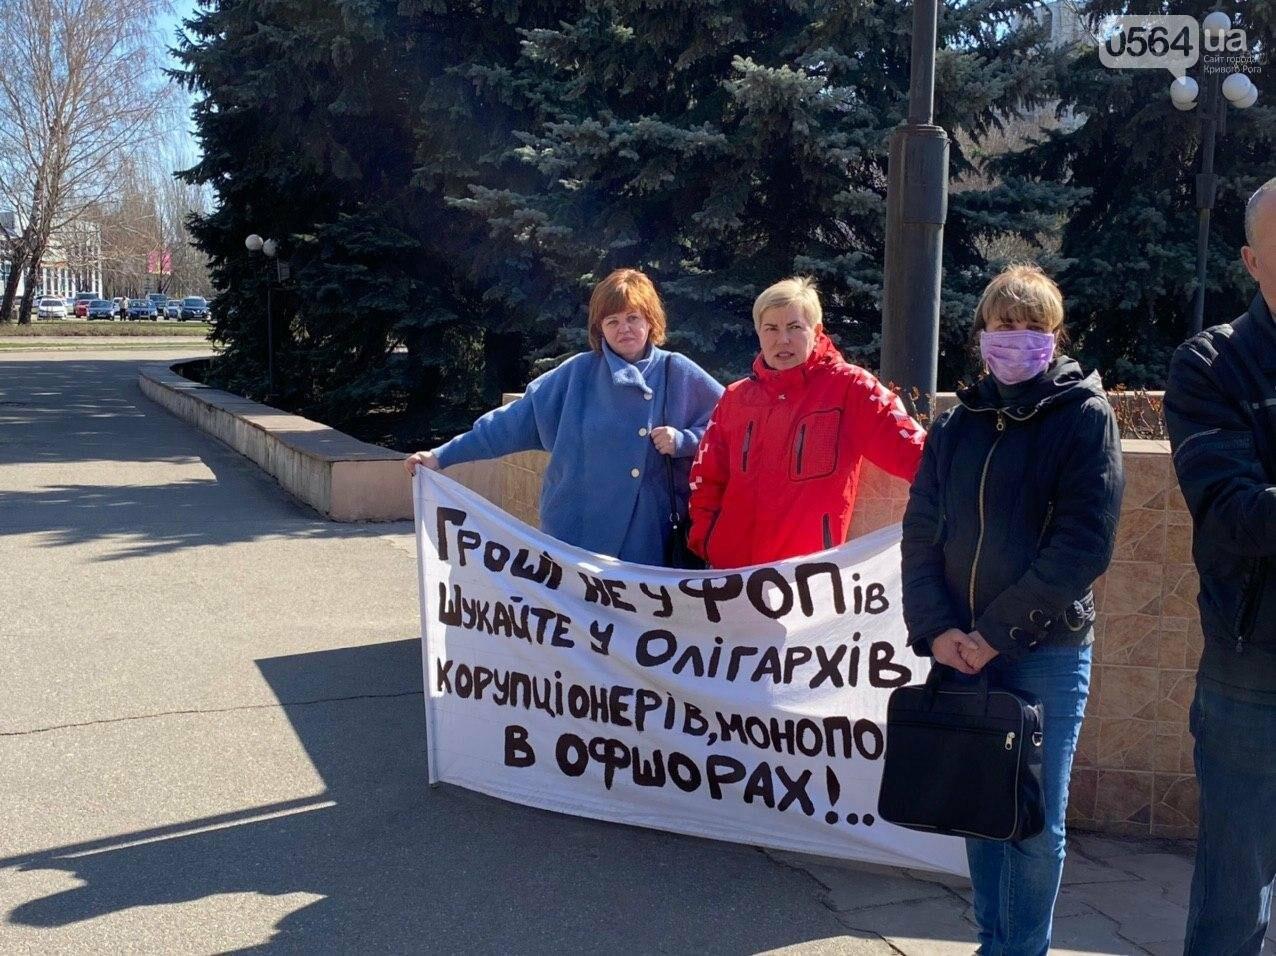 Криворожские предприниматели устроили акцию под горсоветом, - ФОТО, ВИДЕО, фото-10